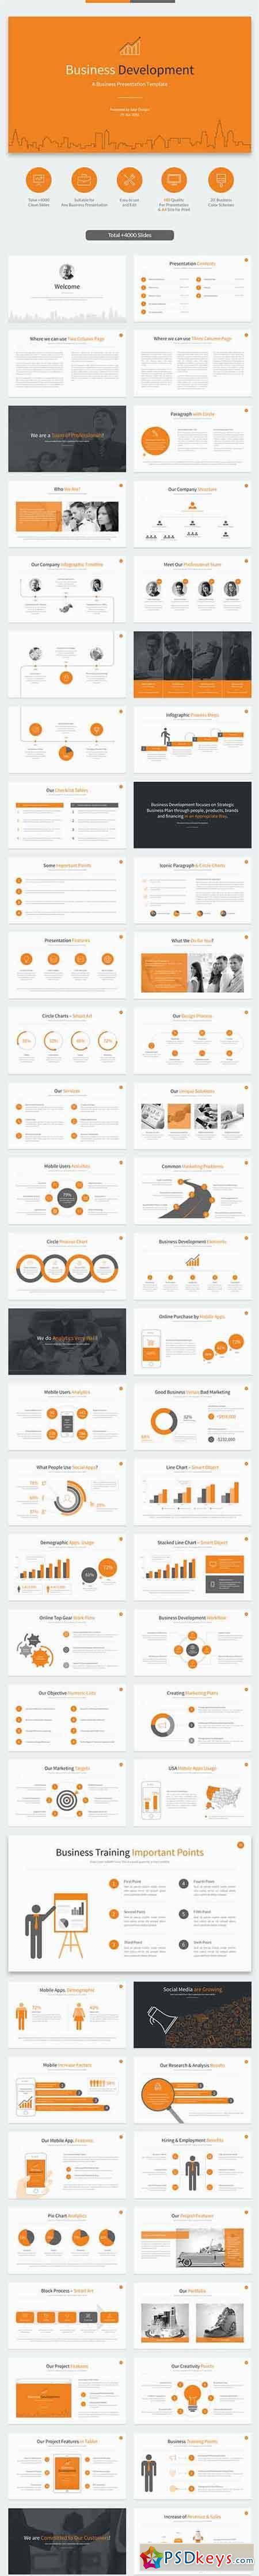 Business Development Google Slides Template 13606480